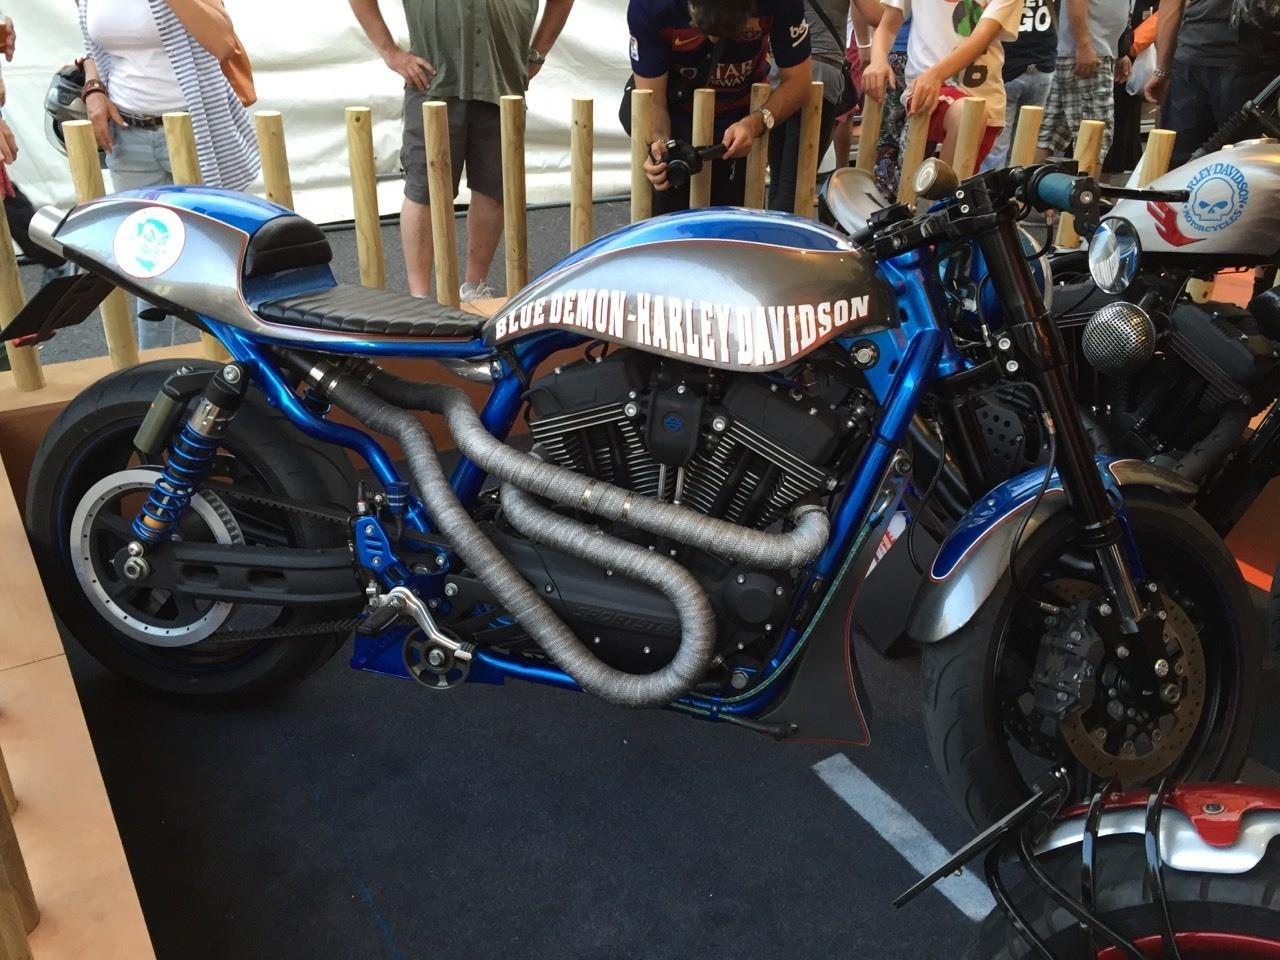 Harley in Barcelona